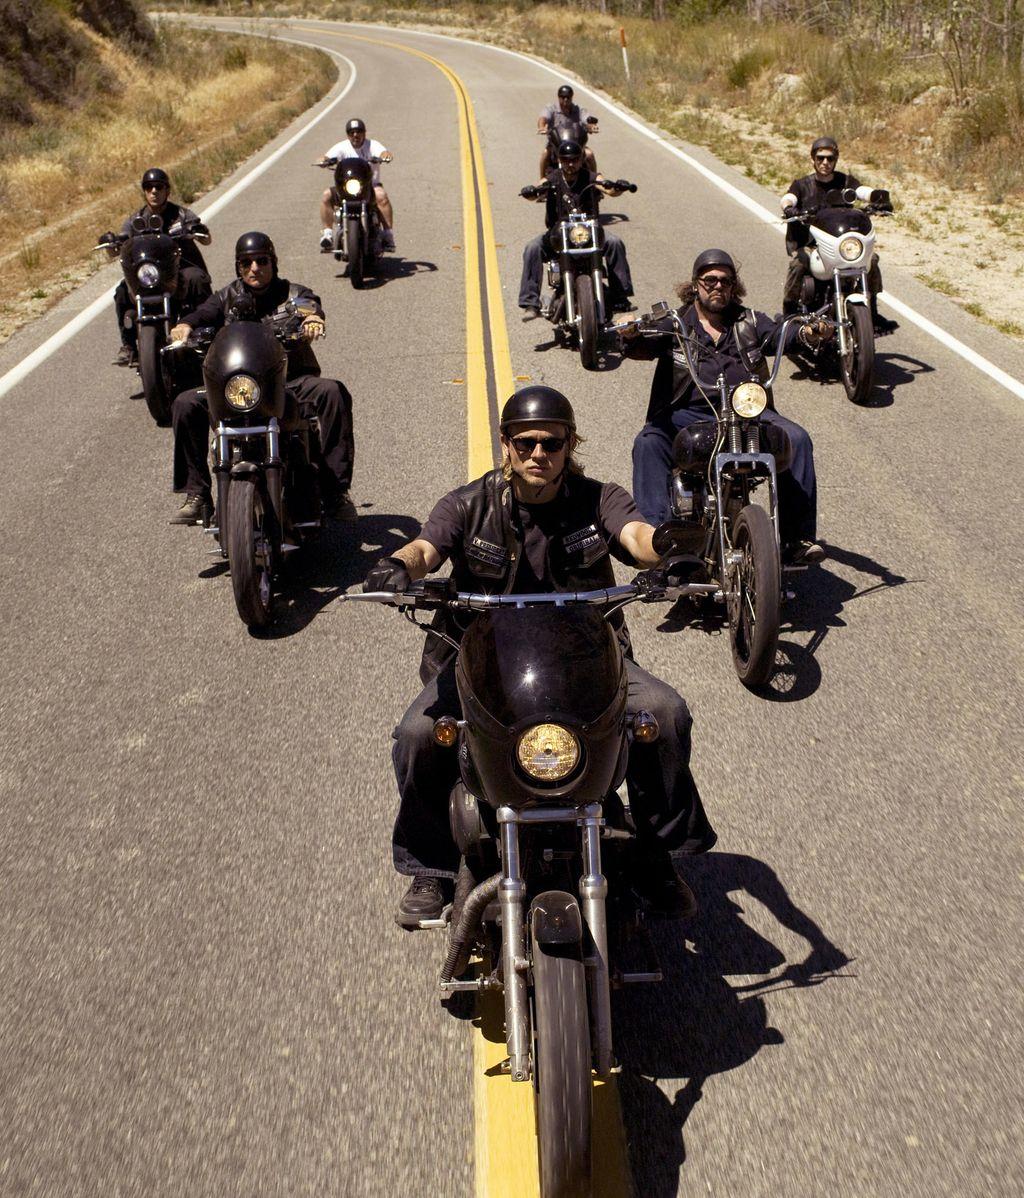 Un grupo de motoristas haciendo justicia al margen de la ley